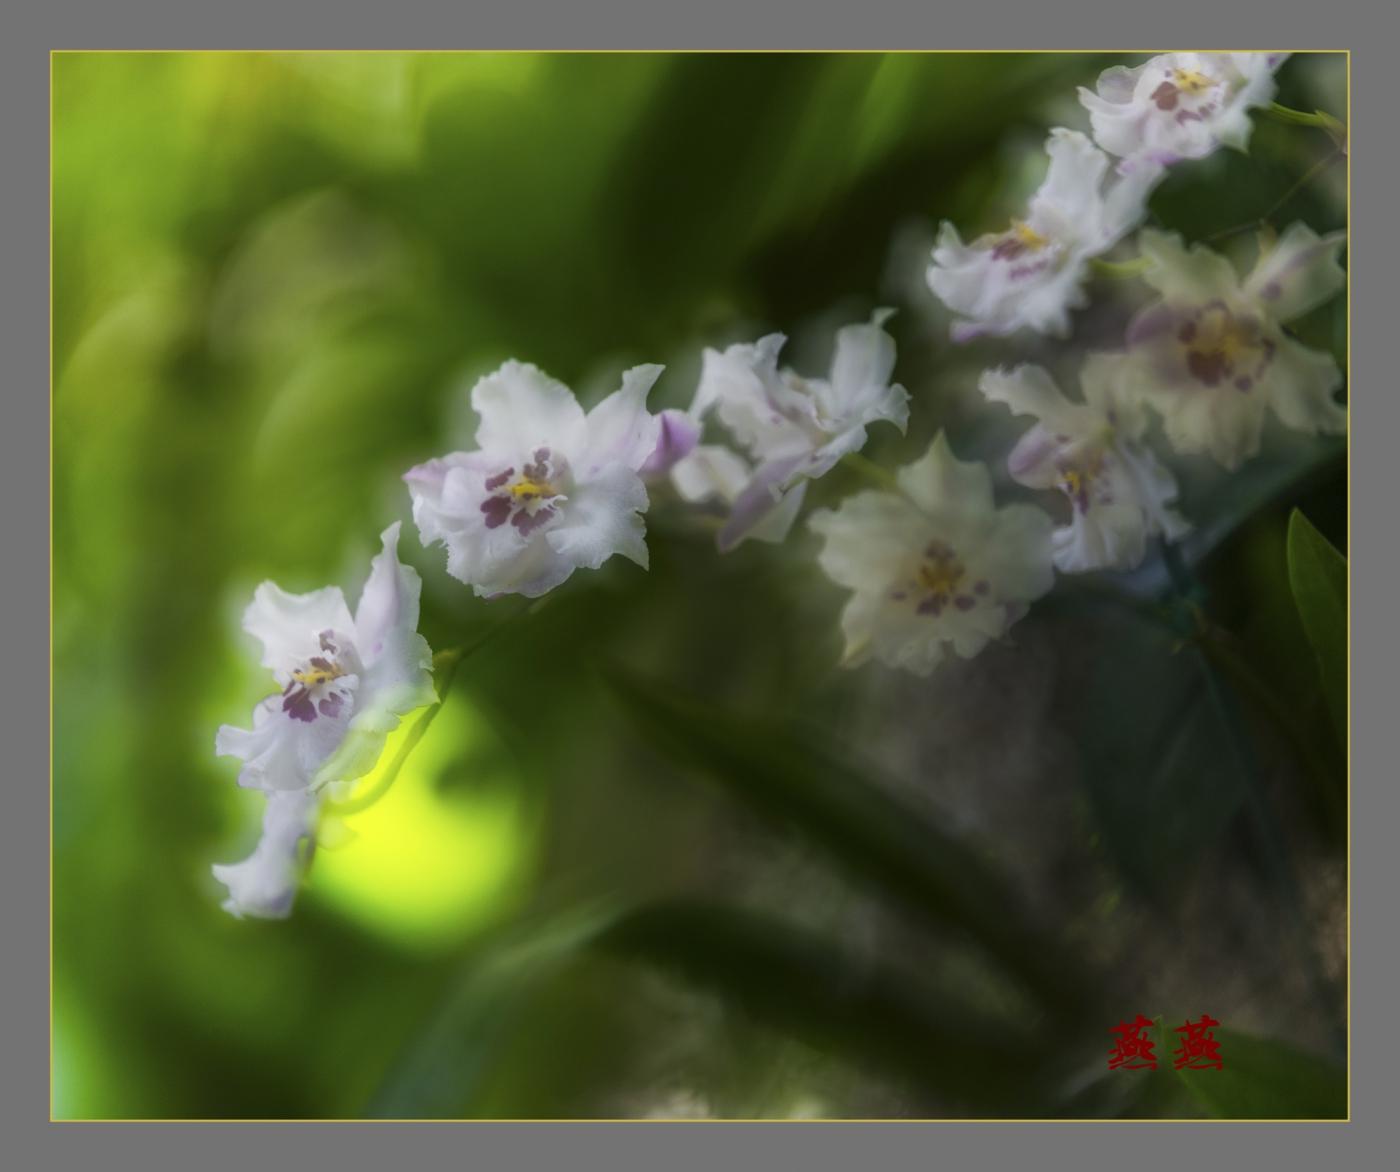 春回大地_图1-4